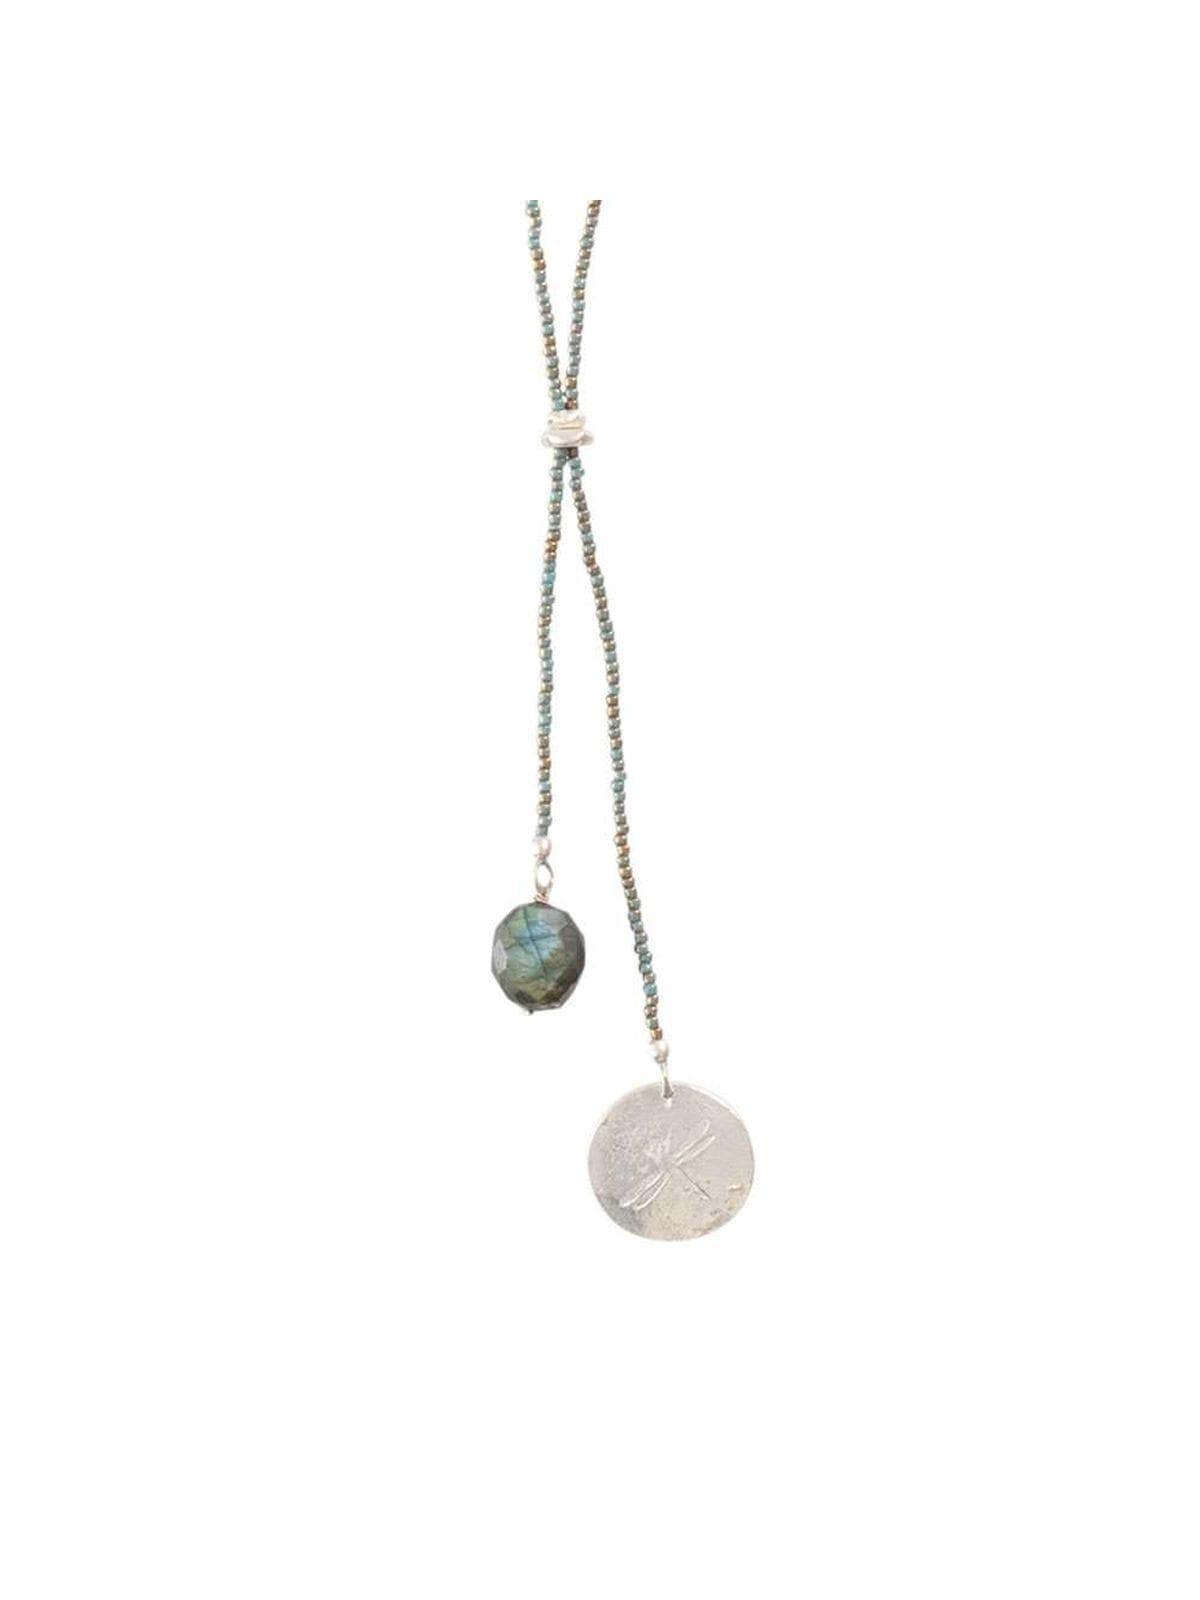 bl22658-fairy-labradorite-dragonfly-coin-silver-necklace_600x600@2x_1200x1600